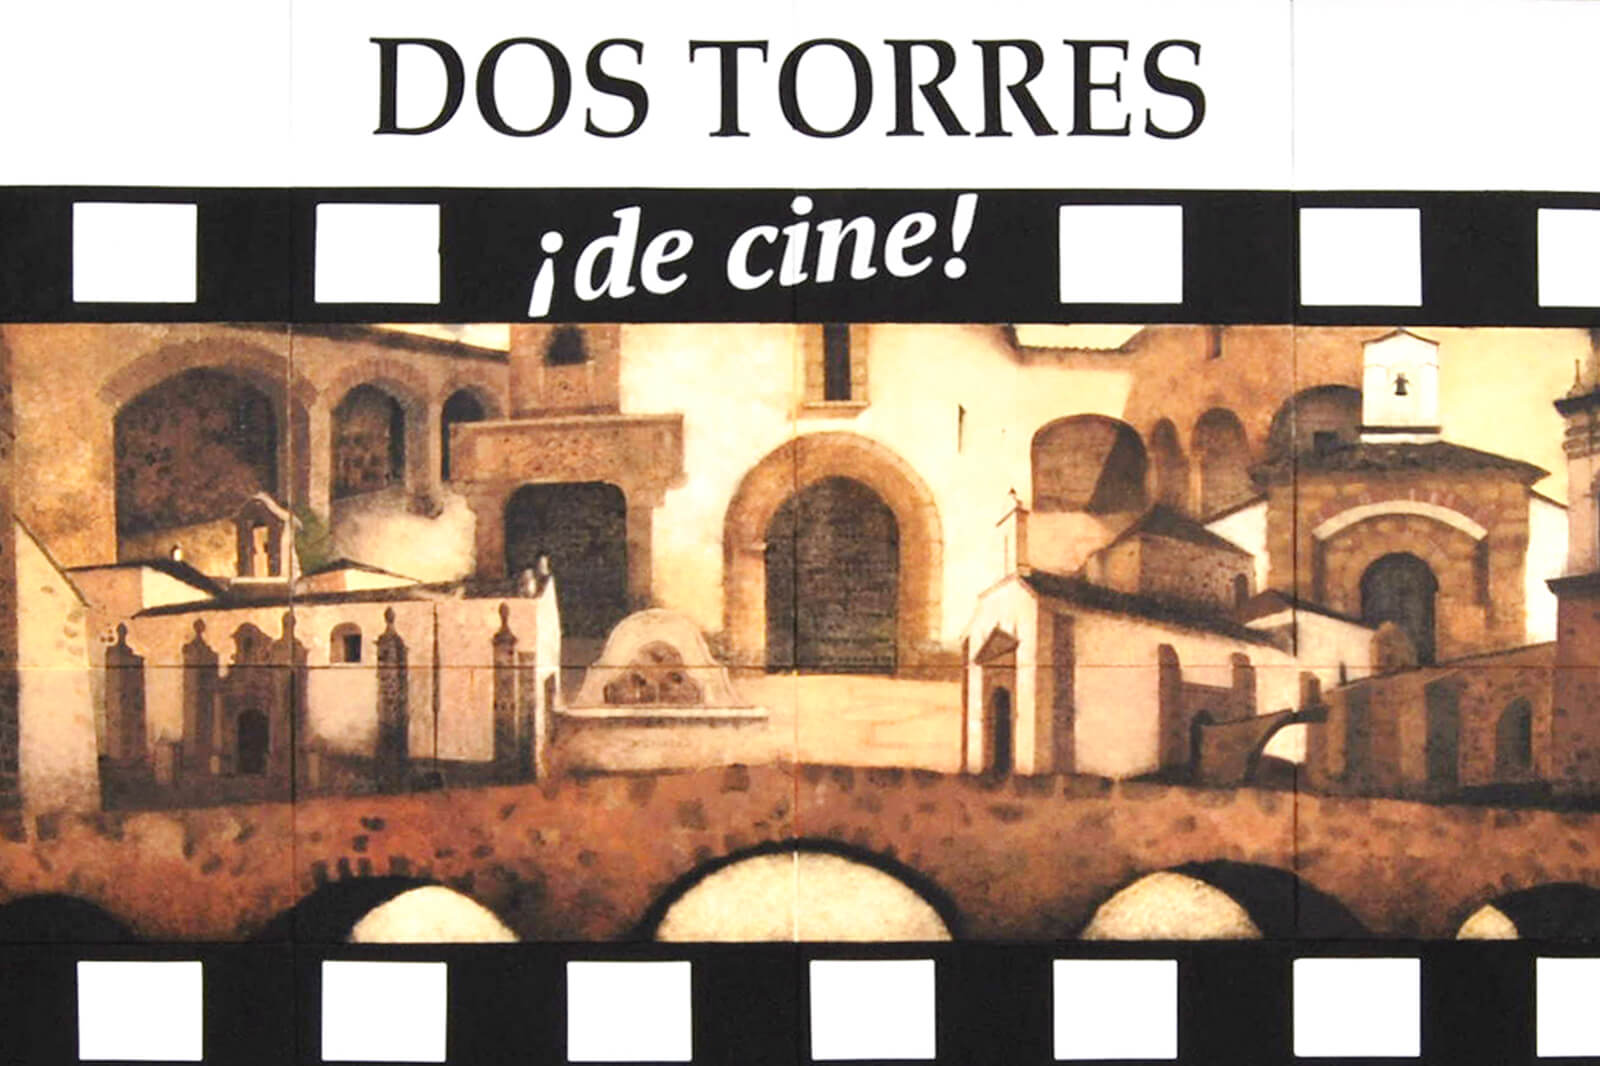 Foto con varias ermitas e iglesias de un pueblo y un título en la zona superior que dice Dos Torres ¡de cine!